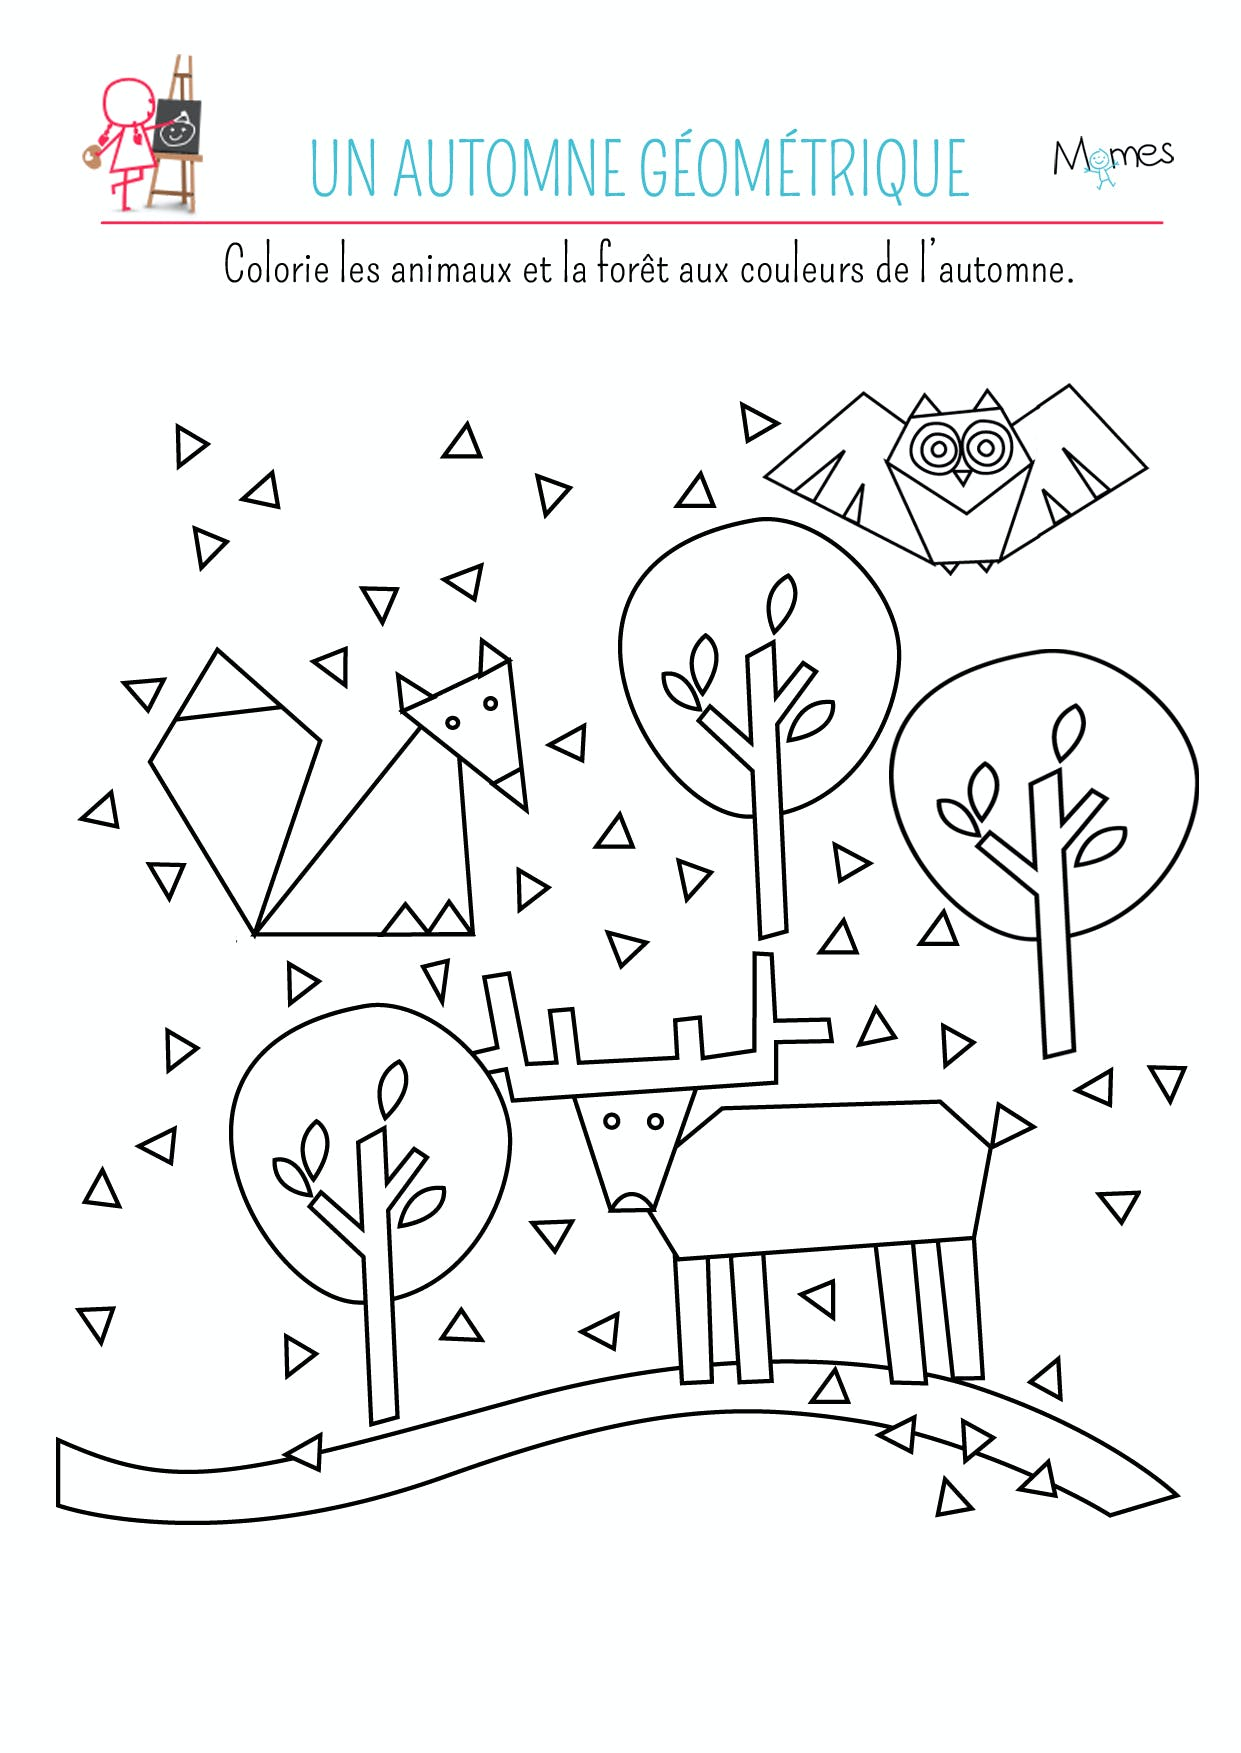 Coloriage automne g om trique - Coloriage des formes geometriques ...